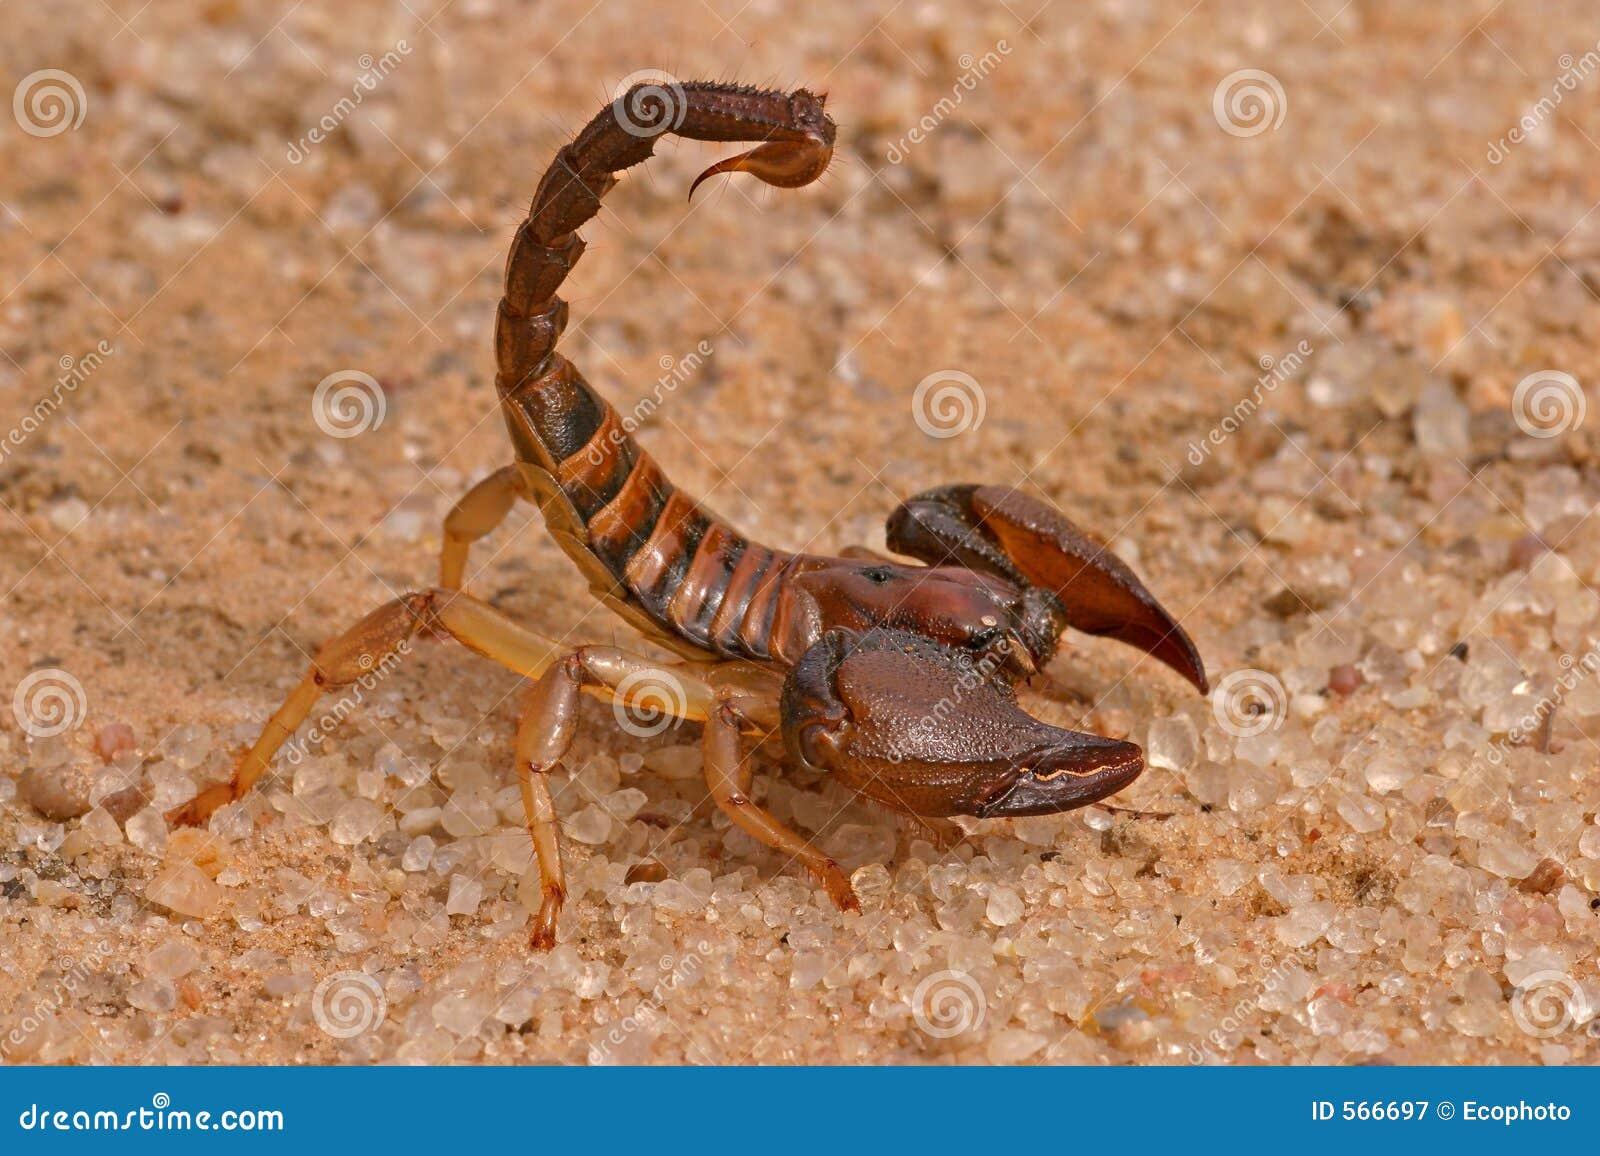 Escorpión agresivo